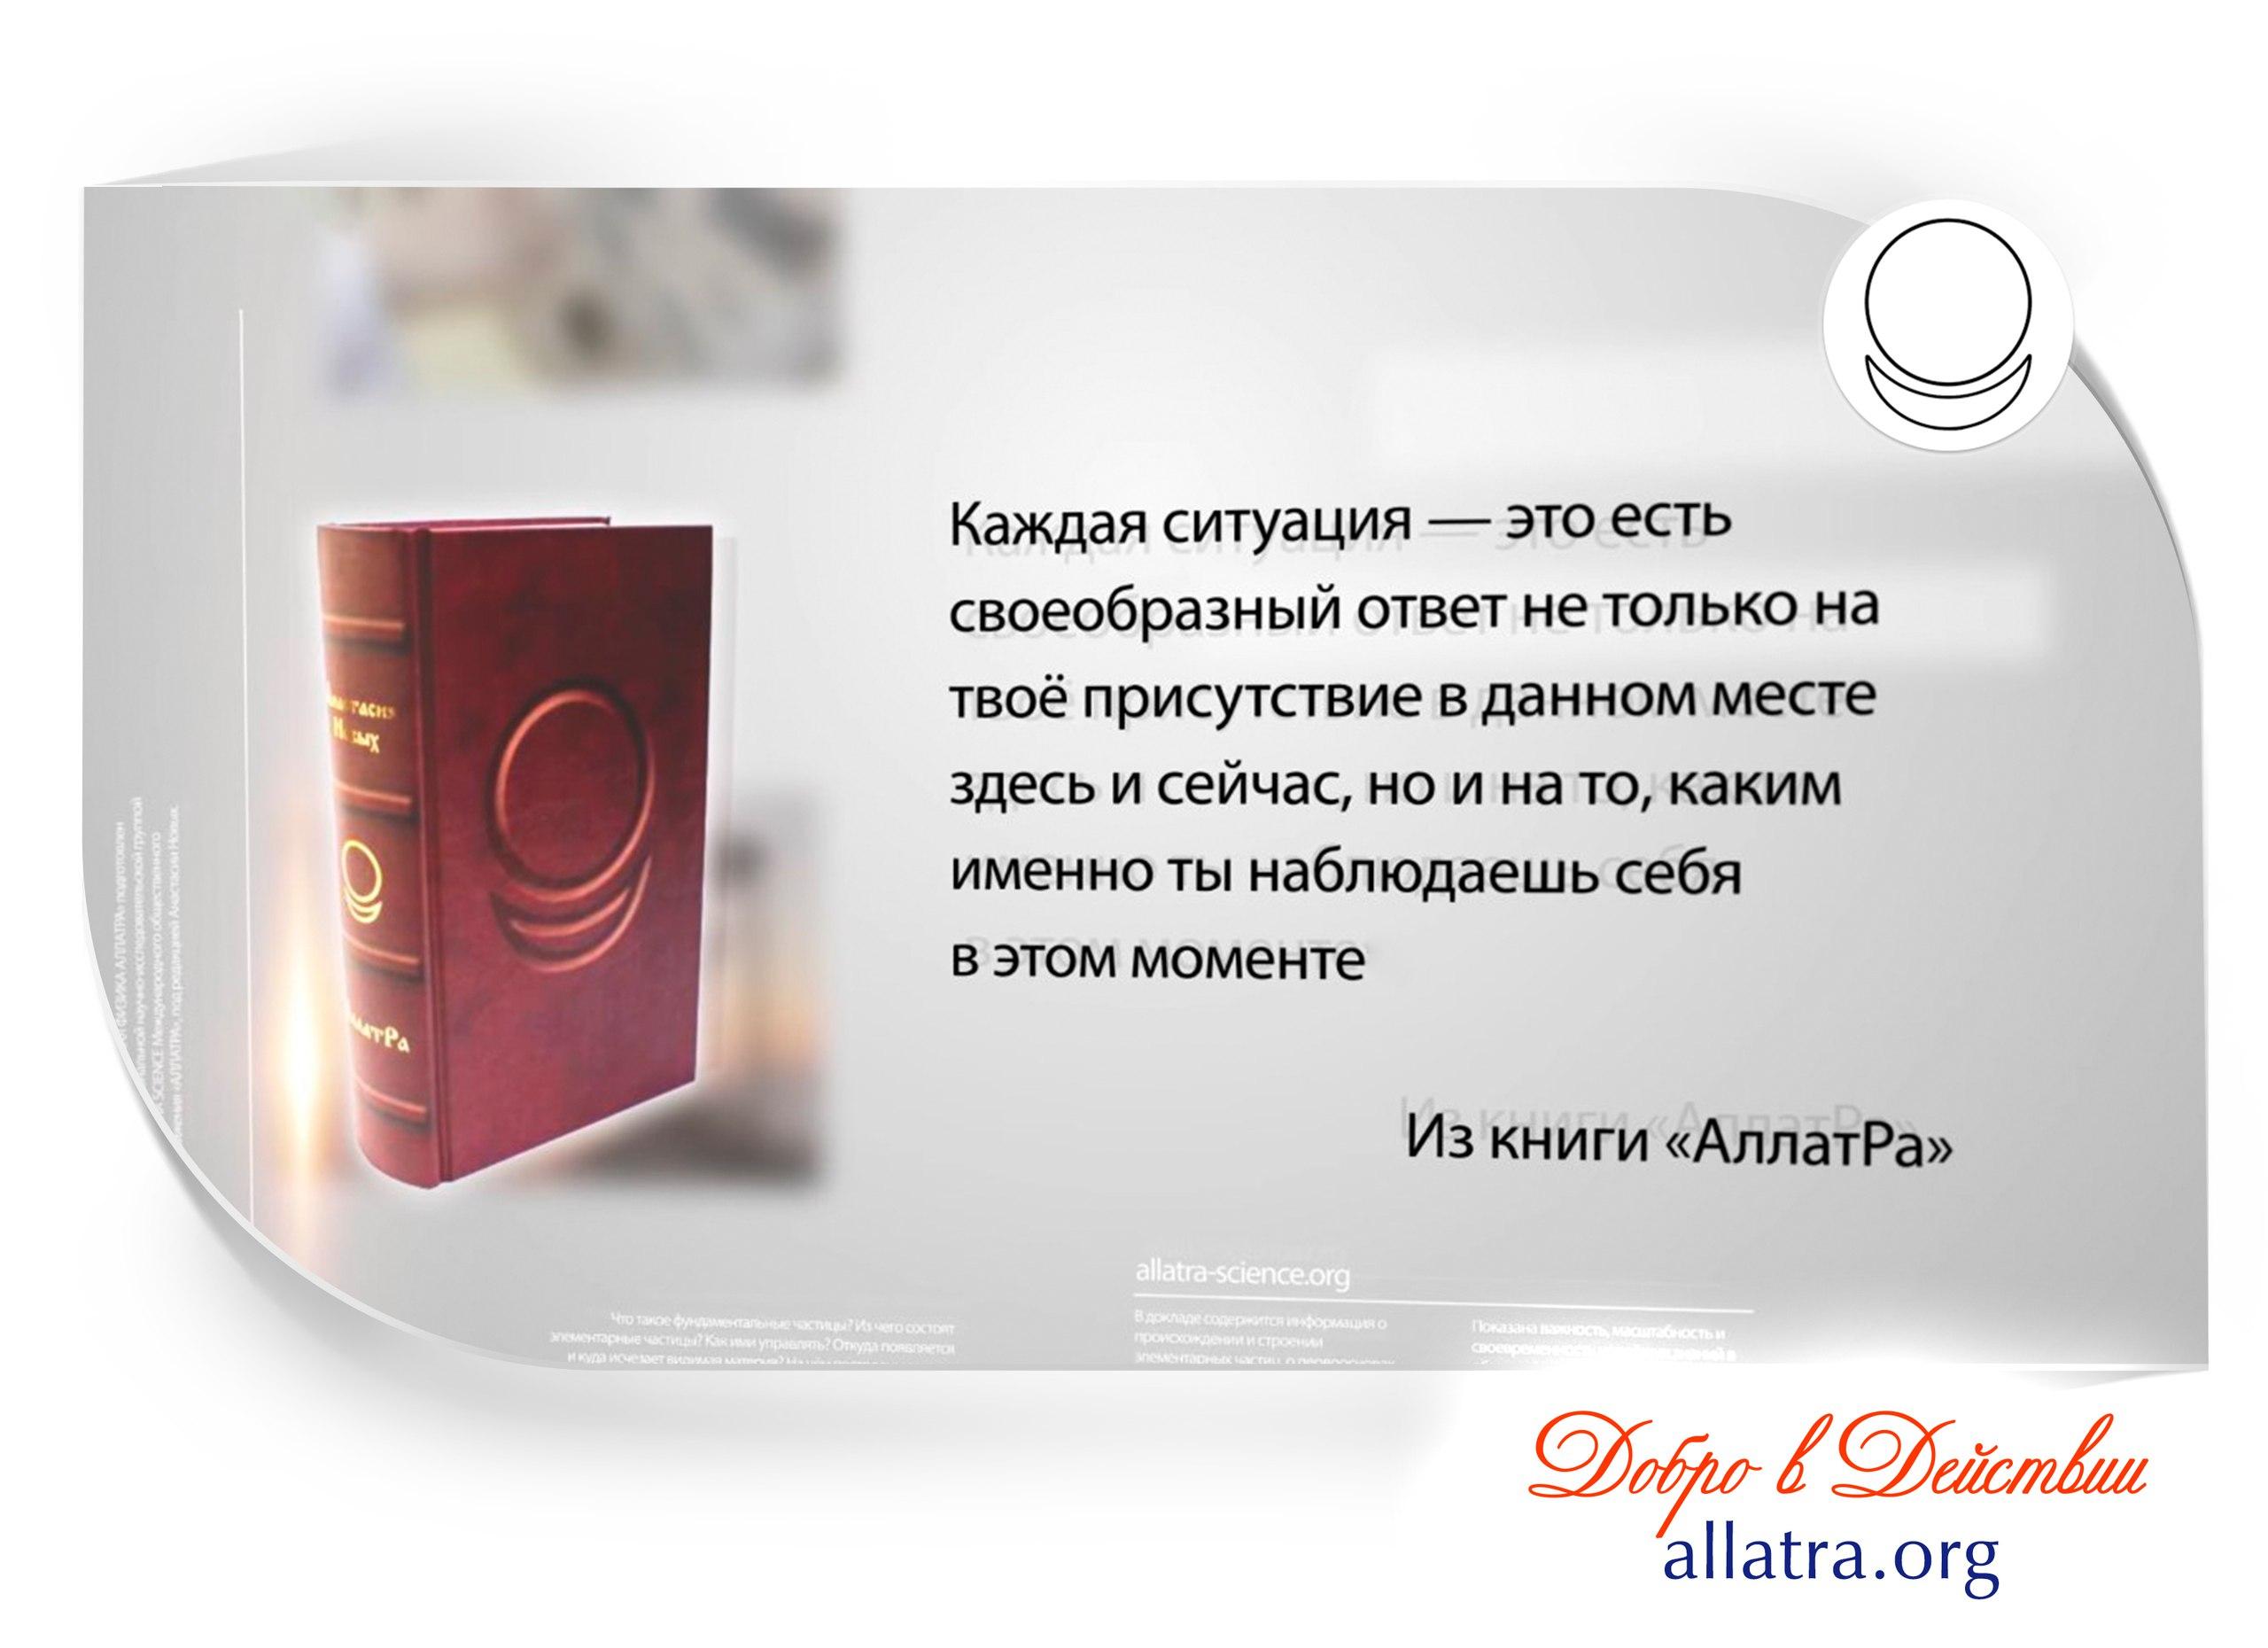 https://sun9-4.userapi.com/c840526/v840526477/54e64/V_OiAMSpxuo.jpg